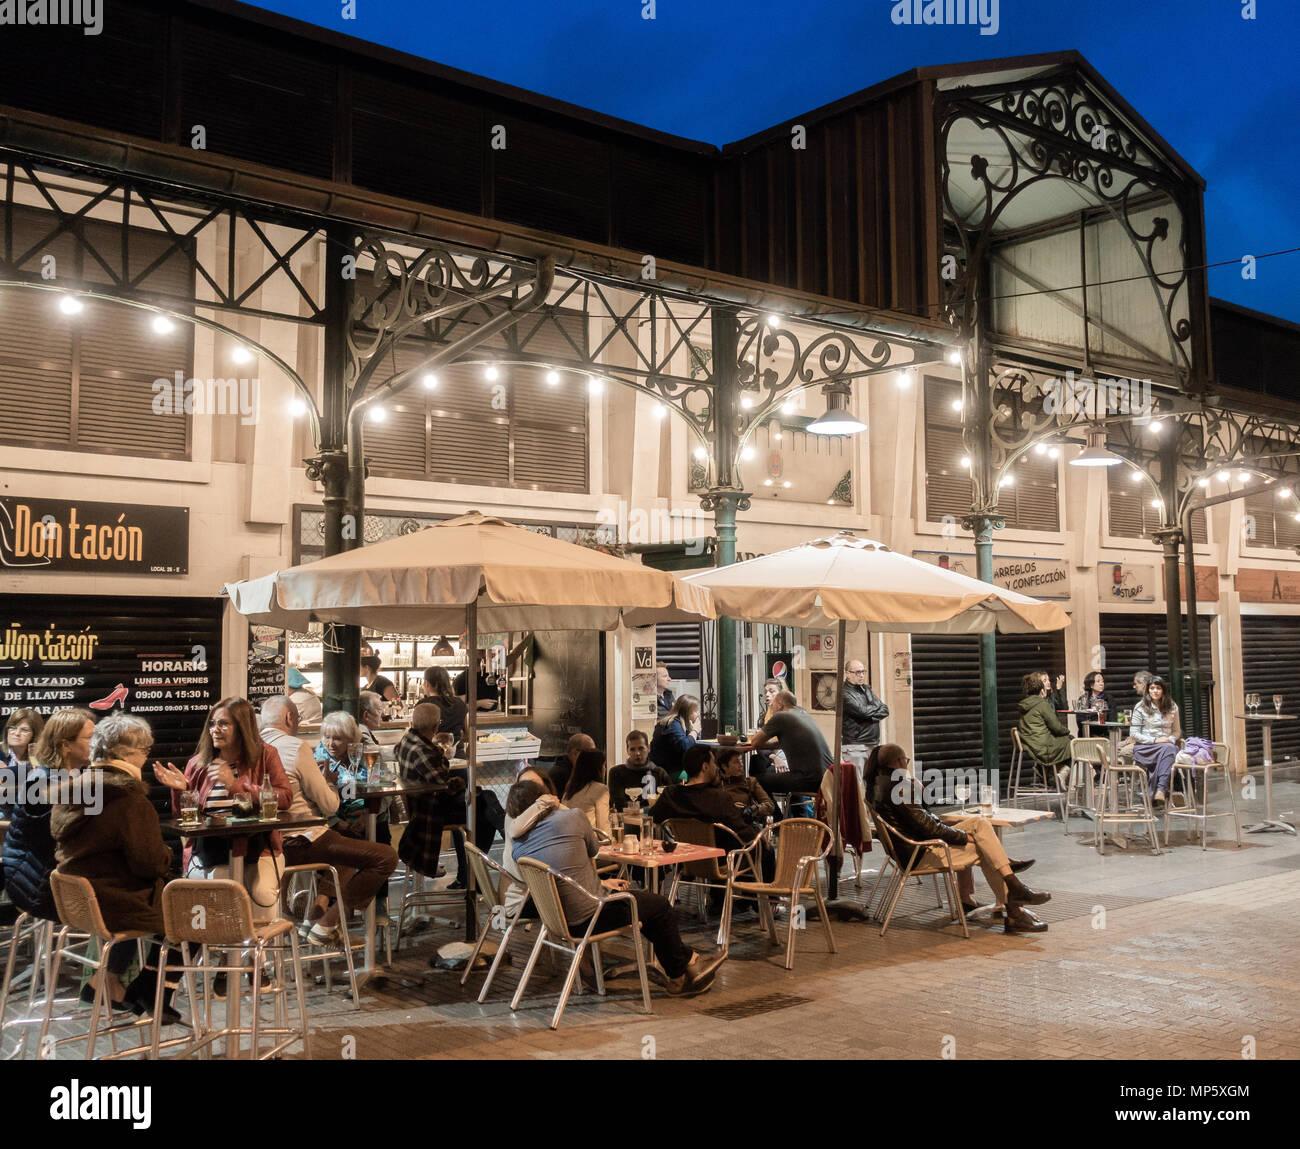 Die Menschen sitzen draußen an der Bar am Mercado del Puerto (Hafen) in Las Palmas, Gran Canaria, Kanarische Inseln, Spanien Stockbild